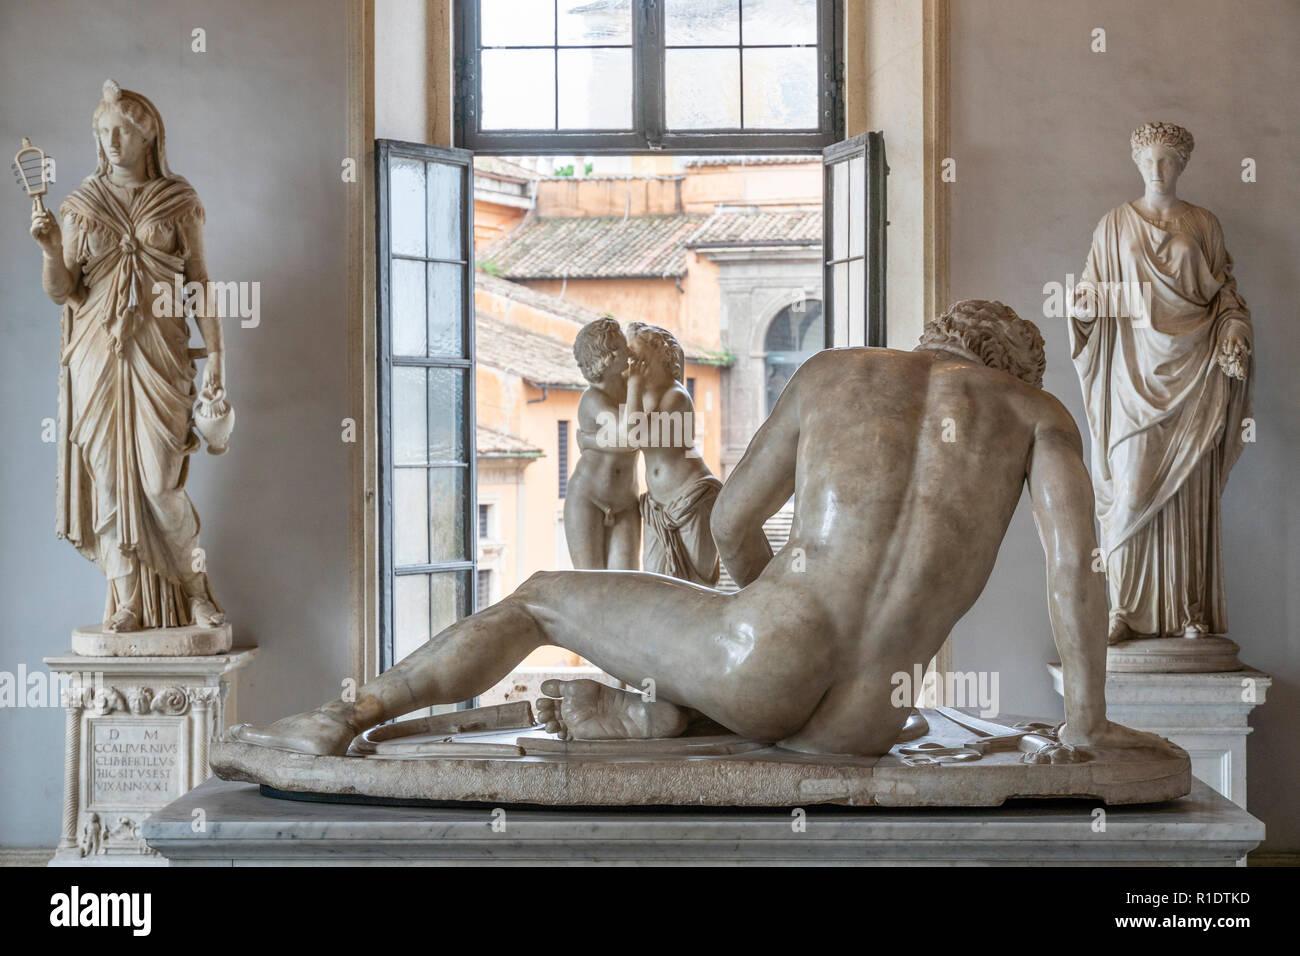 La Sala del Gladiatore con la scultura del Galata morente, una sala nel Palazzo Nuovo, parte dei musei Capitolini di Roma, Italia. Immagini Stock